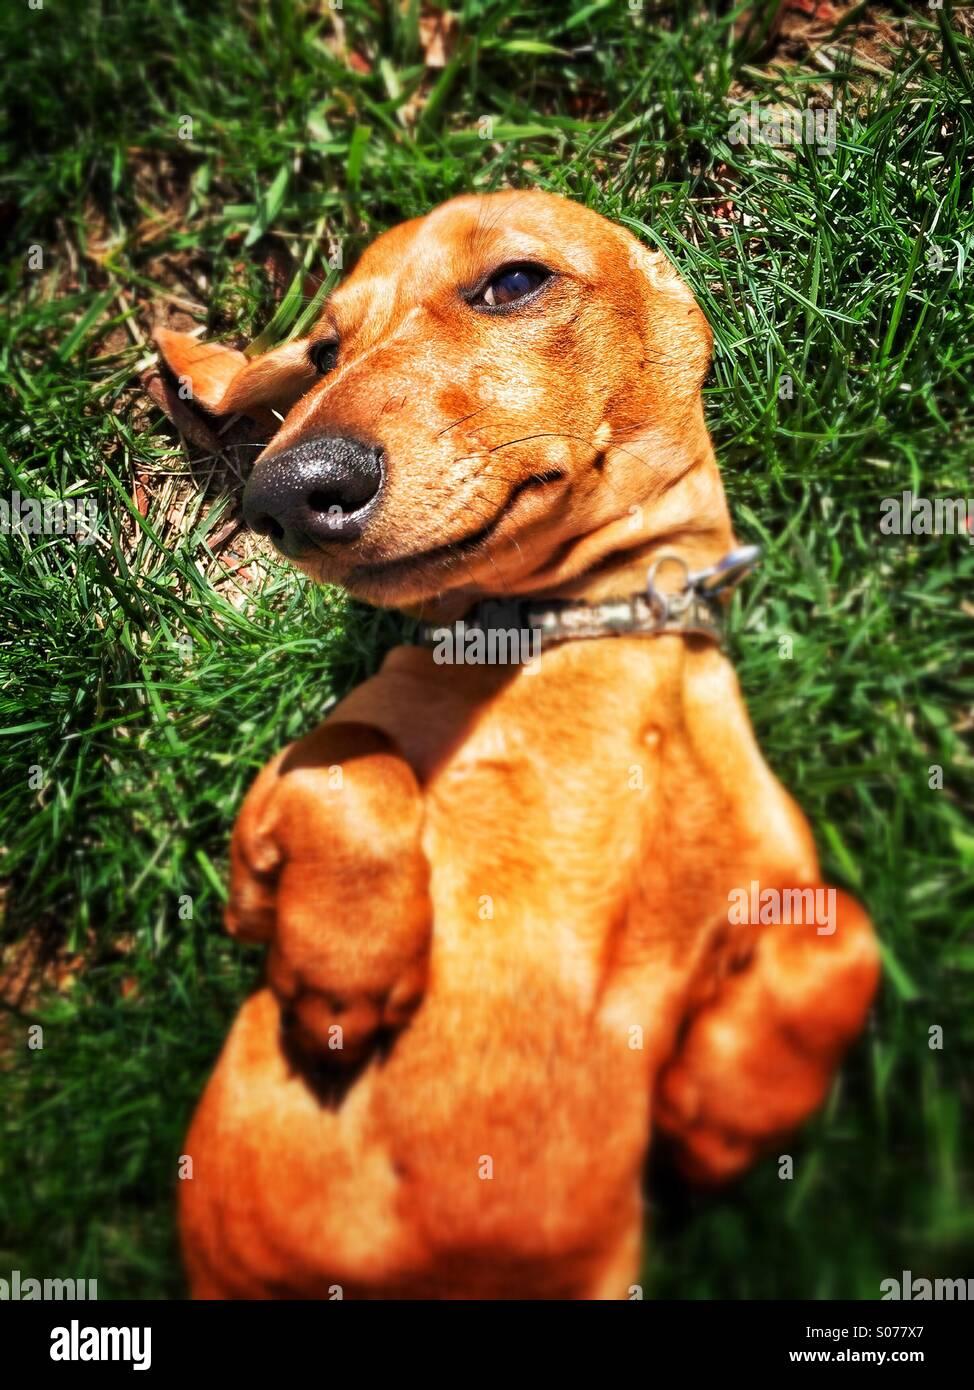 A_miniature_dachshund_lies_on_its_back_i